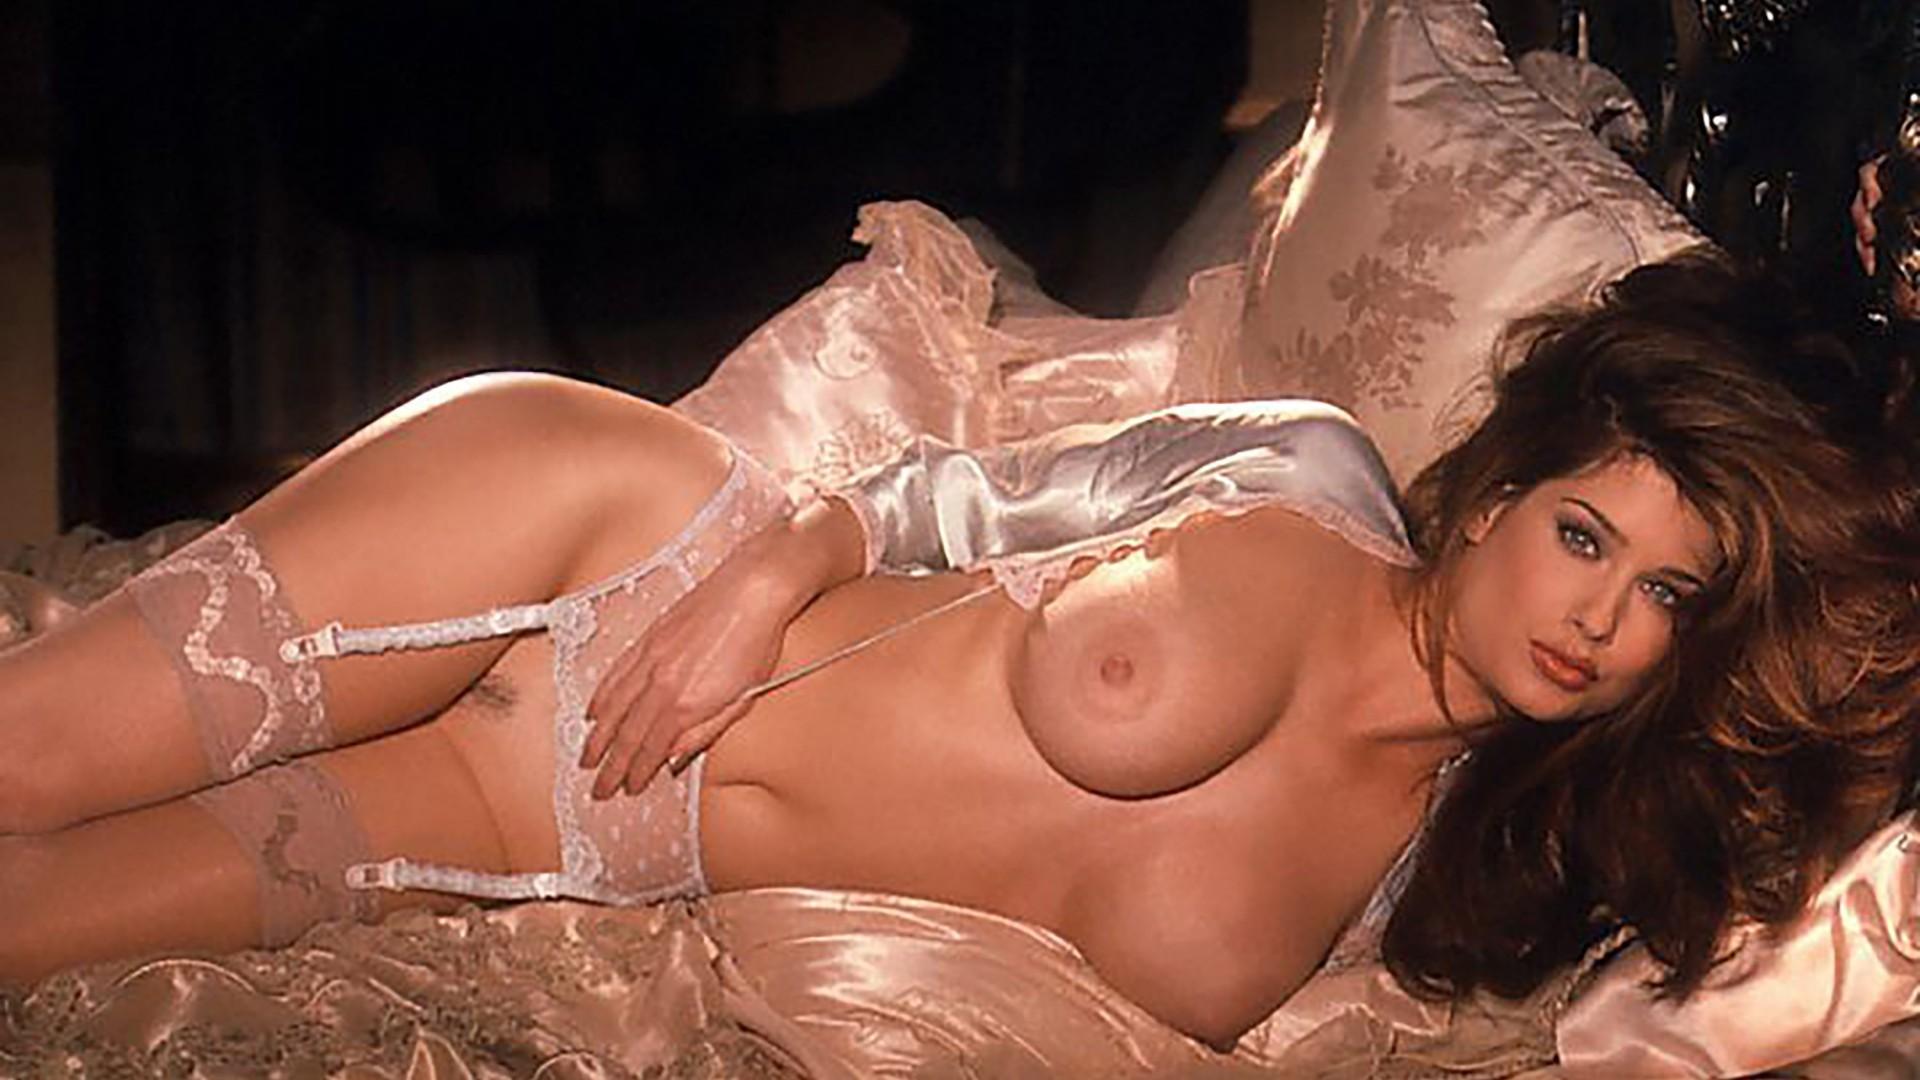 Фото плейбоя смотреть онлайн, Журнал Playboy- фото, видео, фотосессии 6 фотография